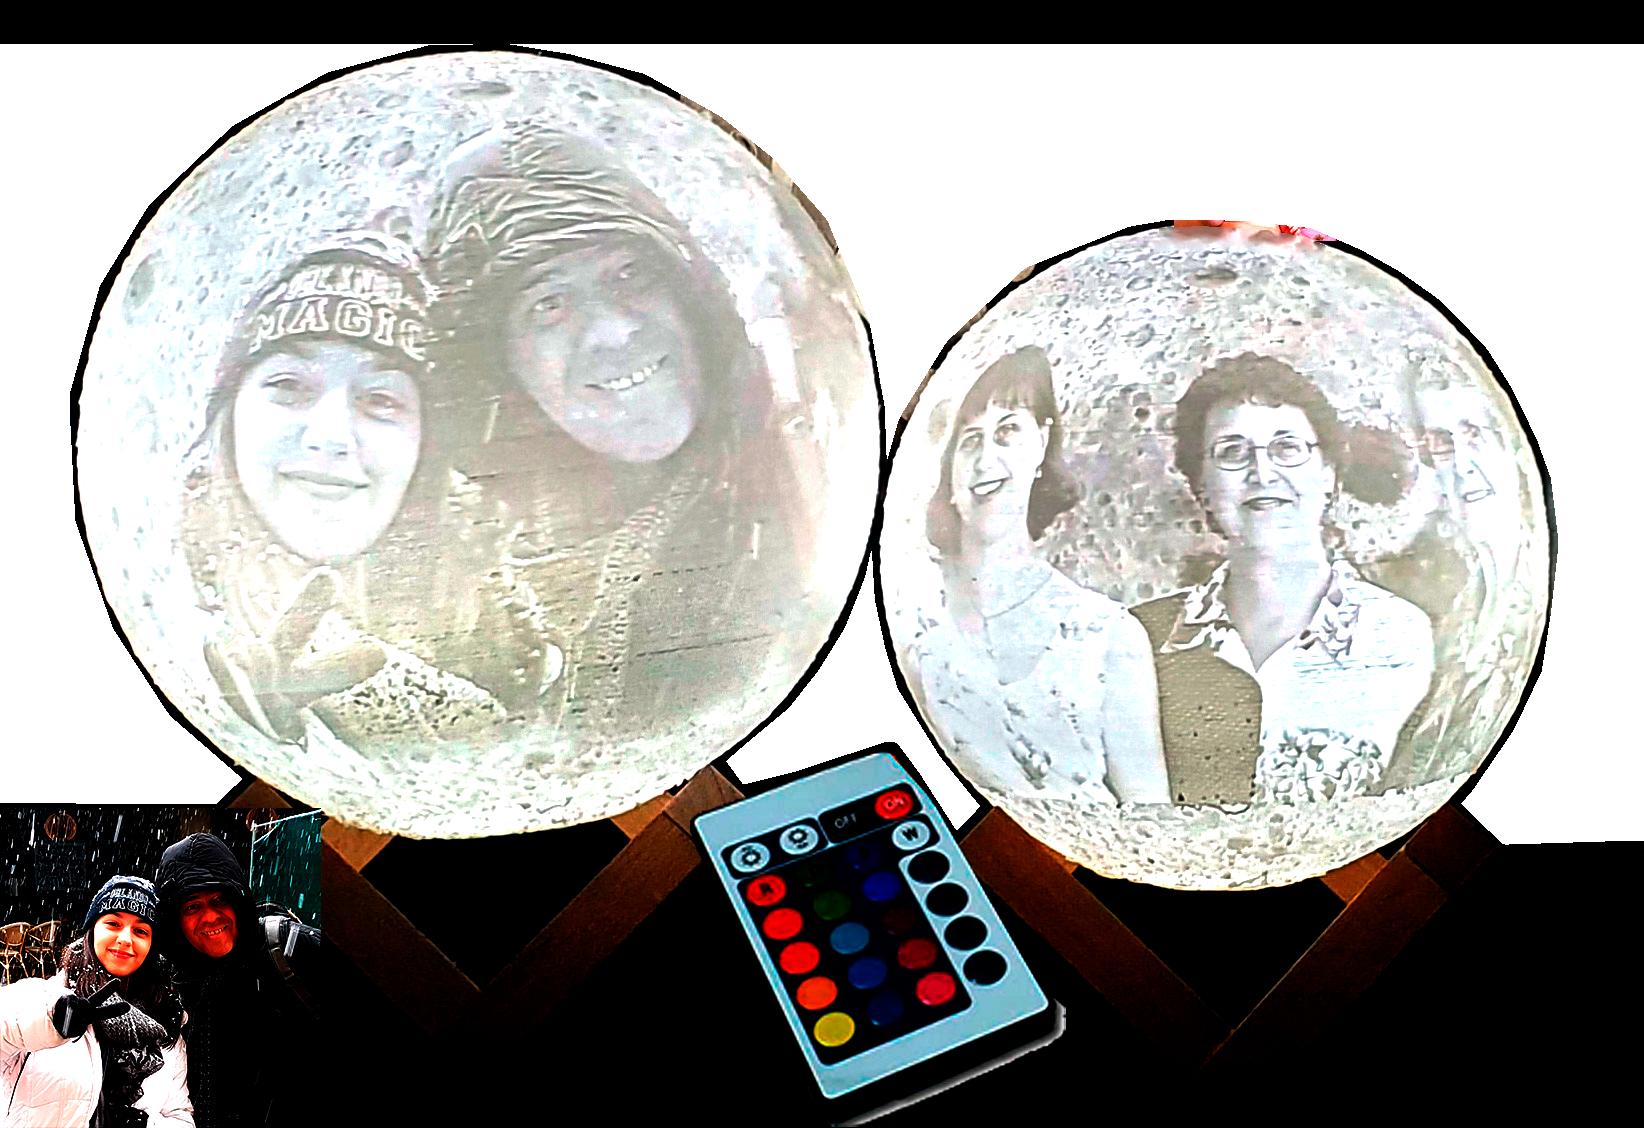 מנורת ירח עם תמונה